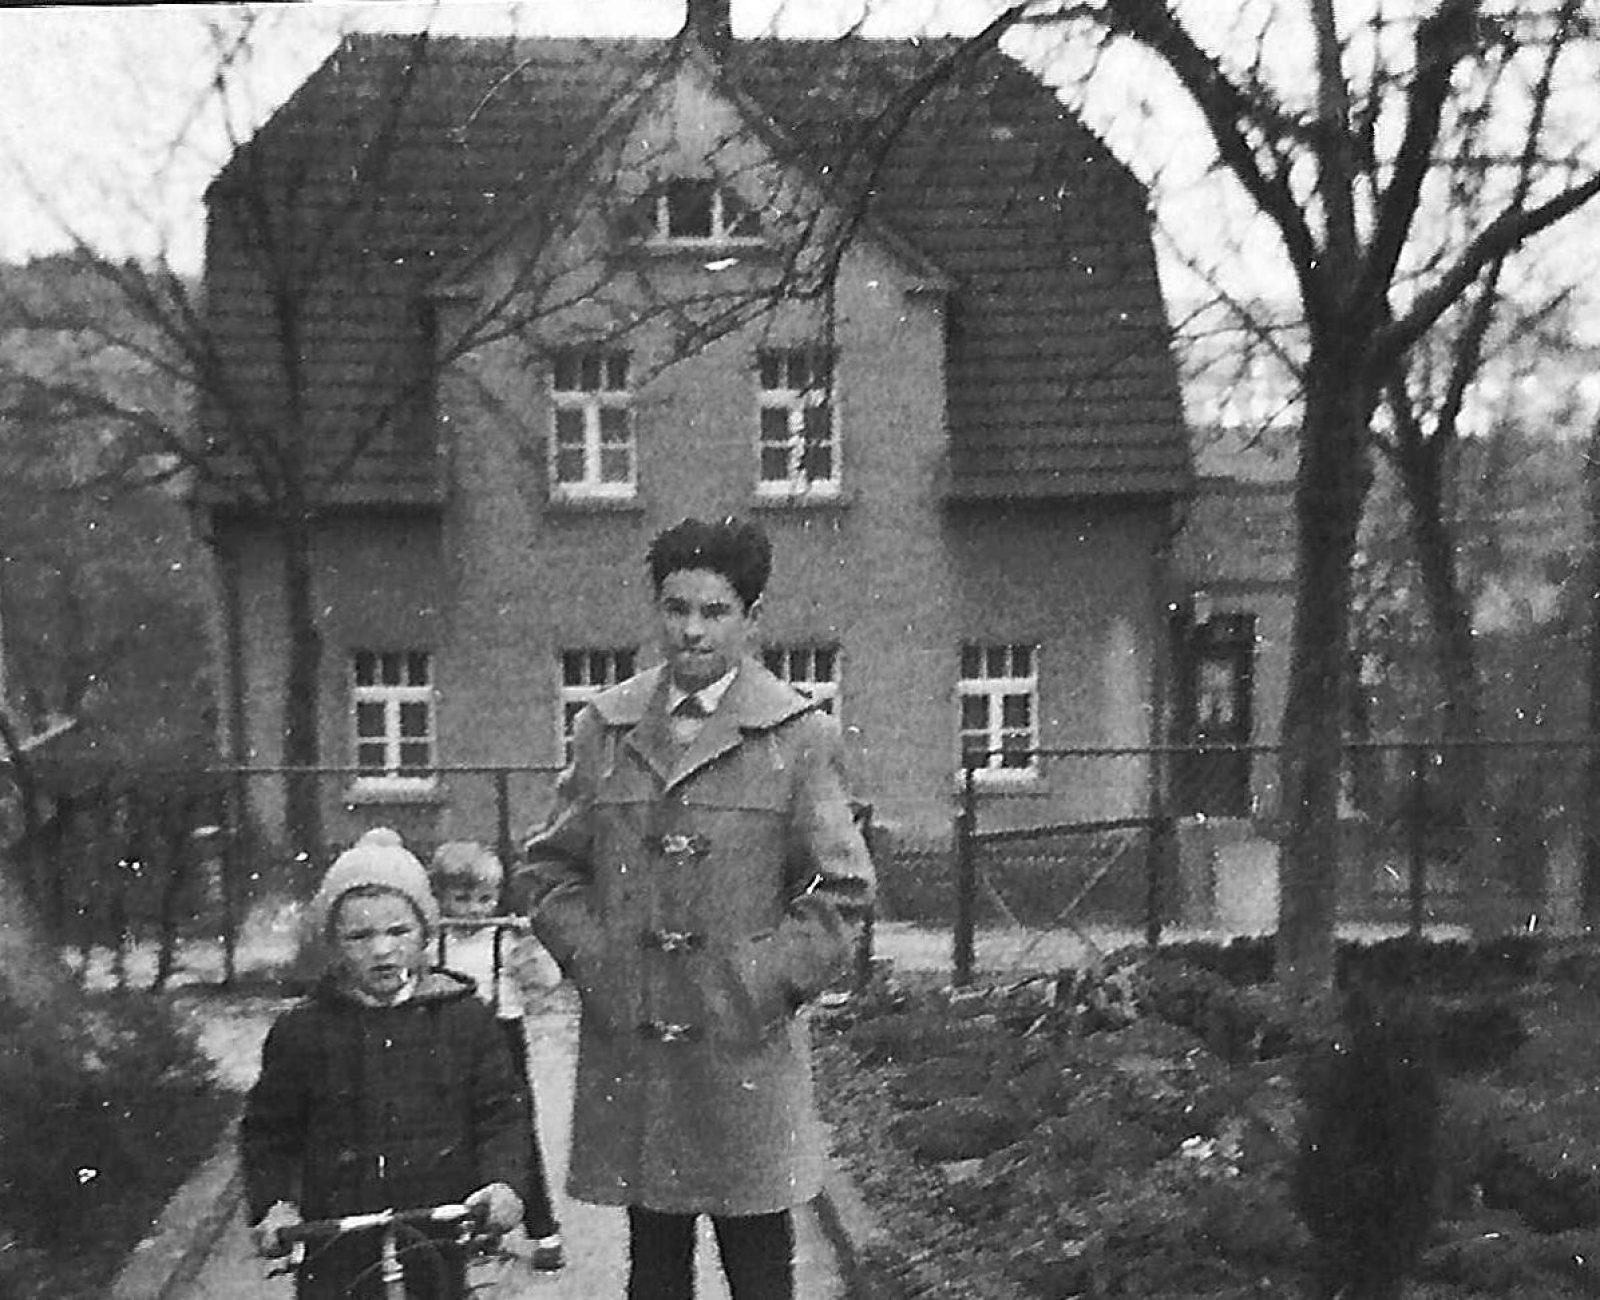 WH 1957 von Nietmann aus